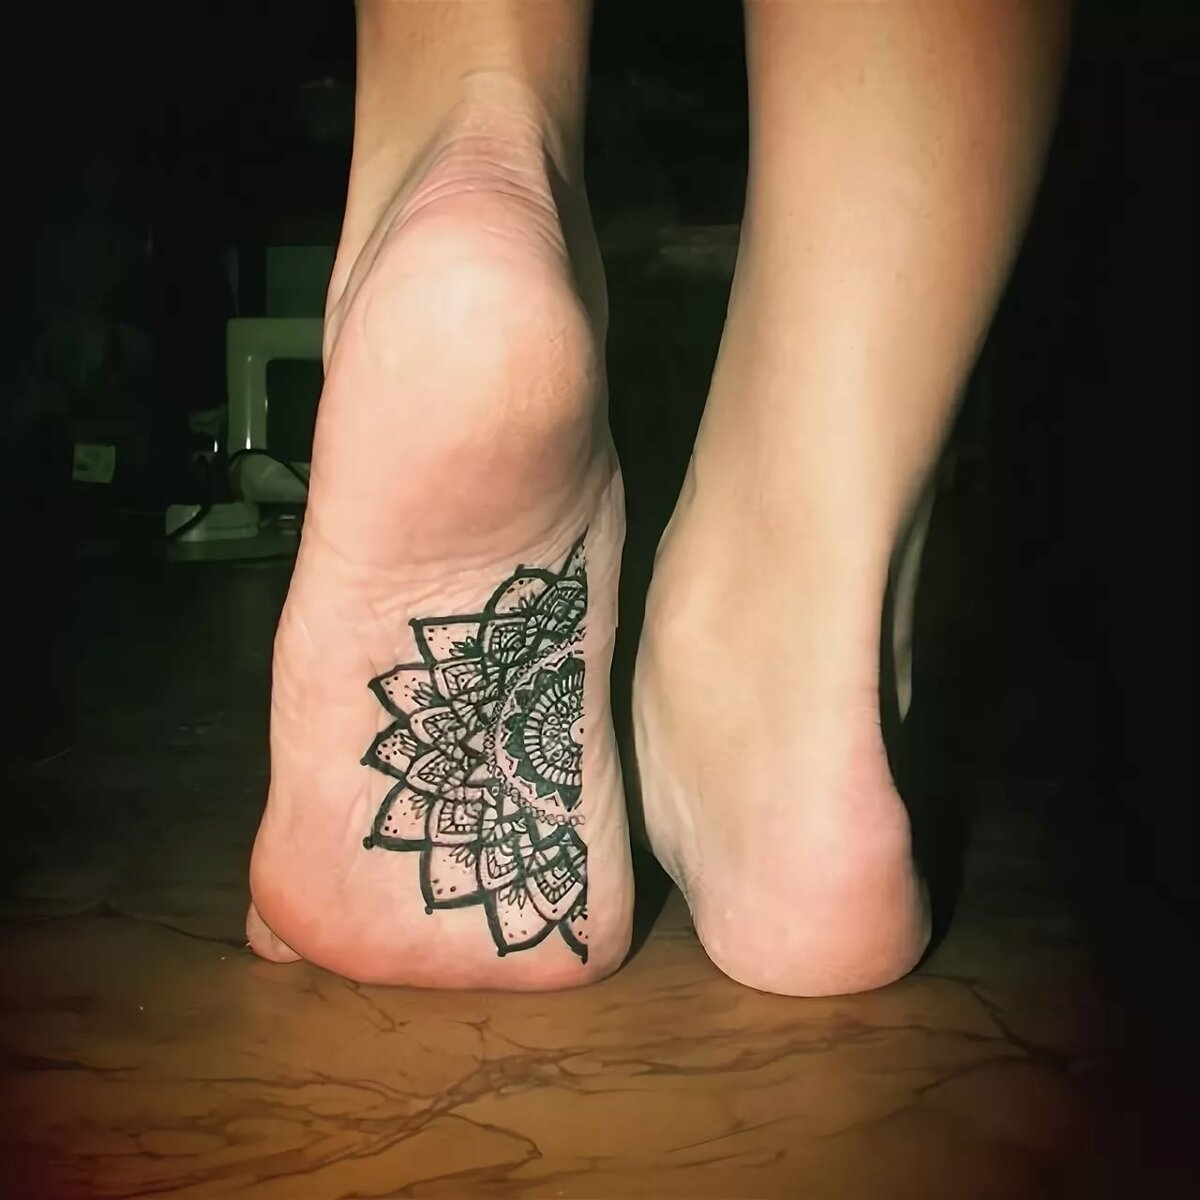 ней картинки татуировок на стопе вам нужно